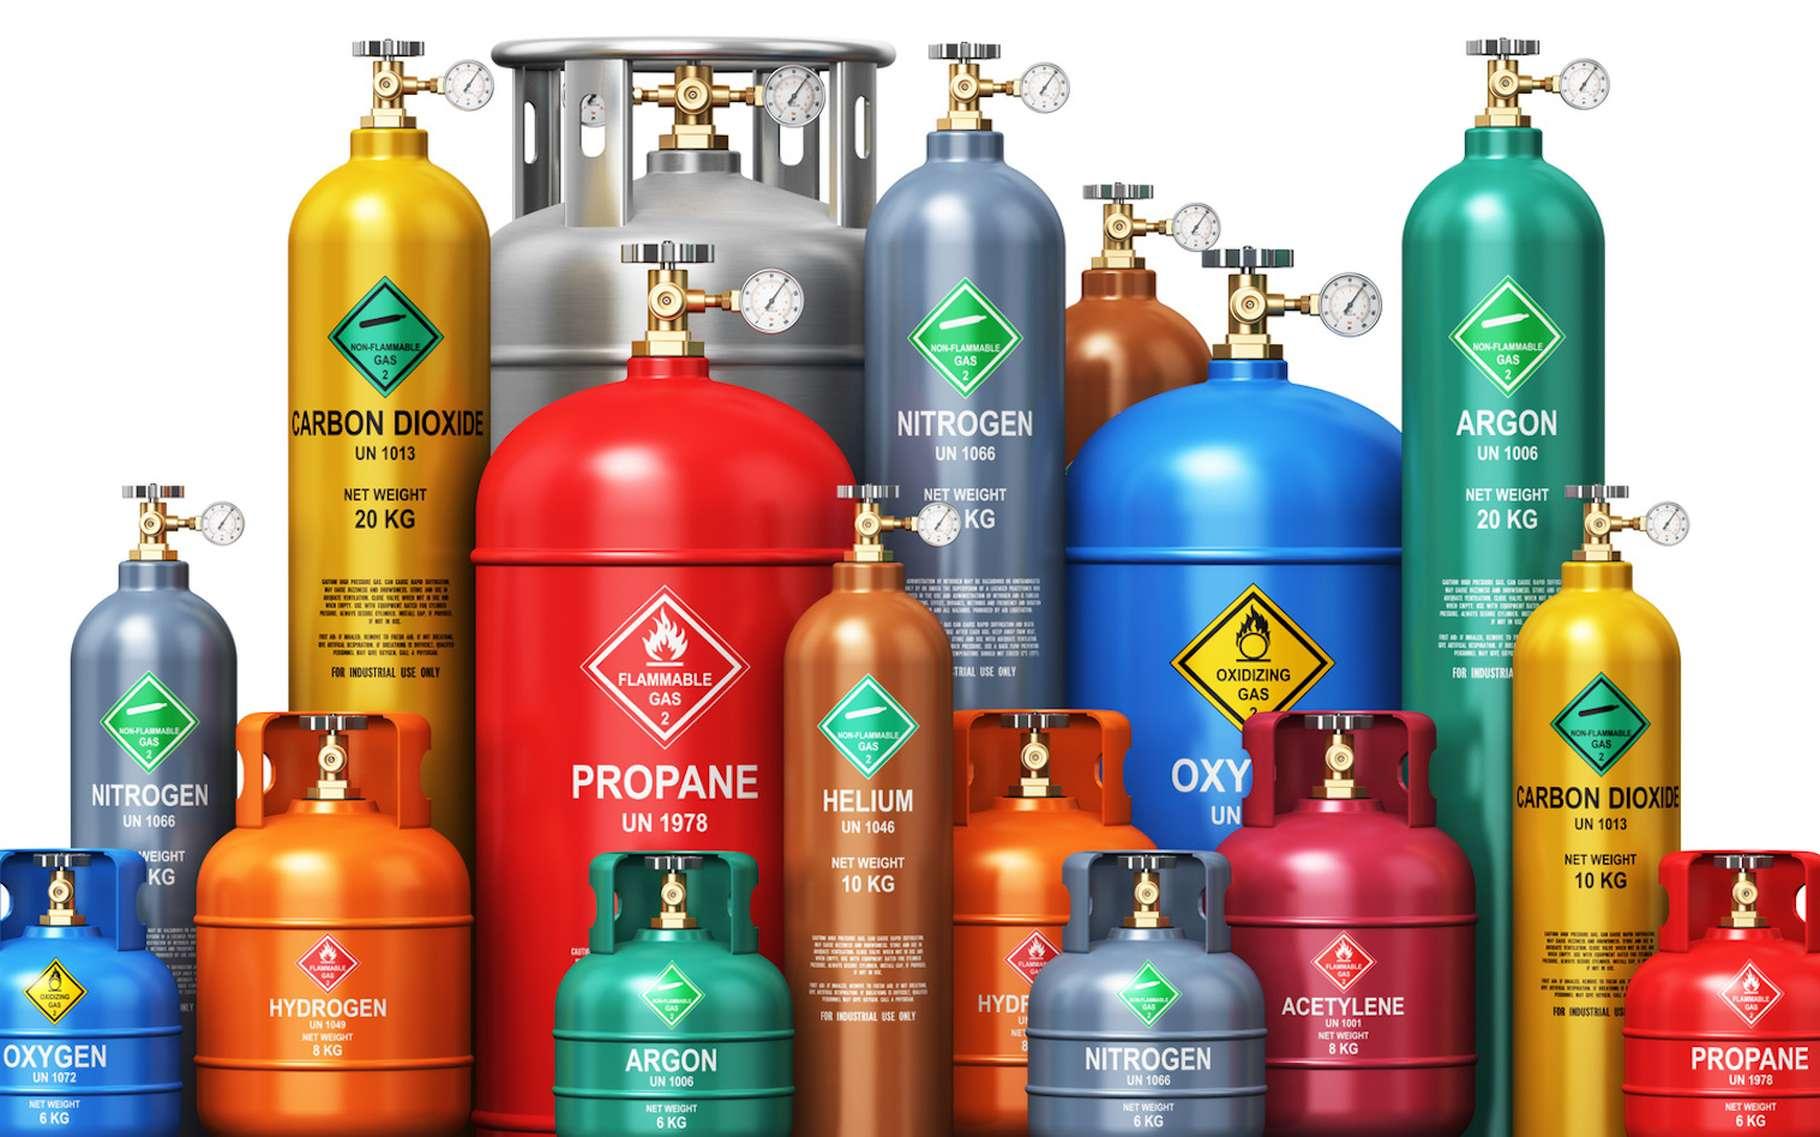 La loi d'Avogadro-Ampère affirme que dans des conditions de température et de pression définies, des volumes égaux de gaz différents comportent le même nombre de molécules. © Scanrail, Fotolia